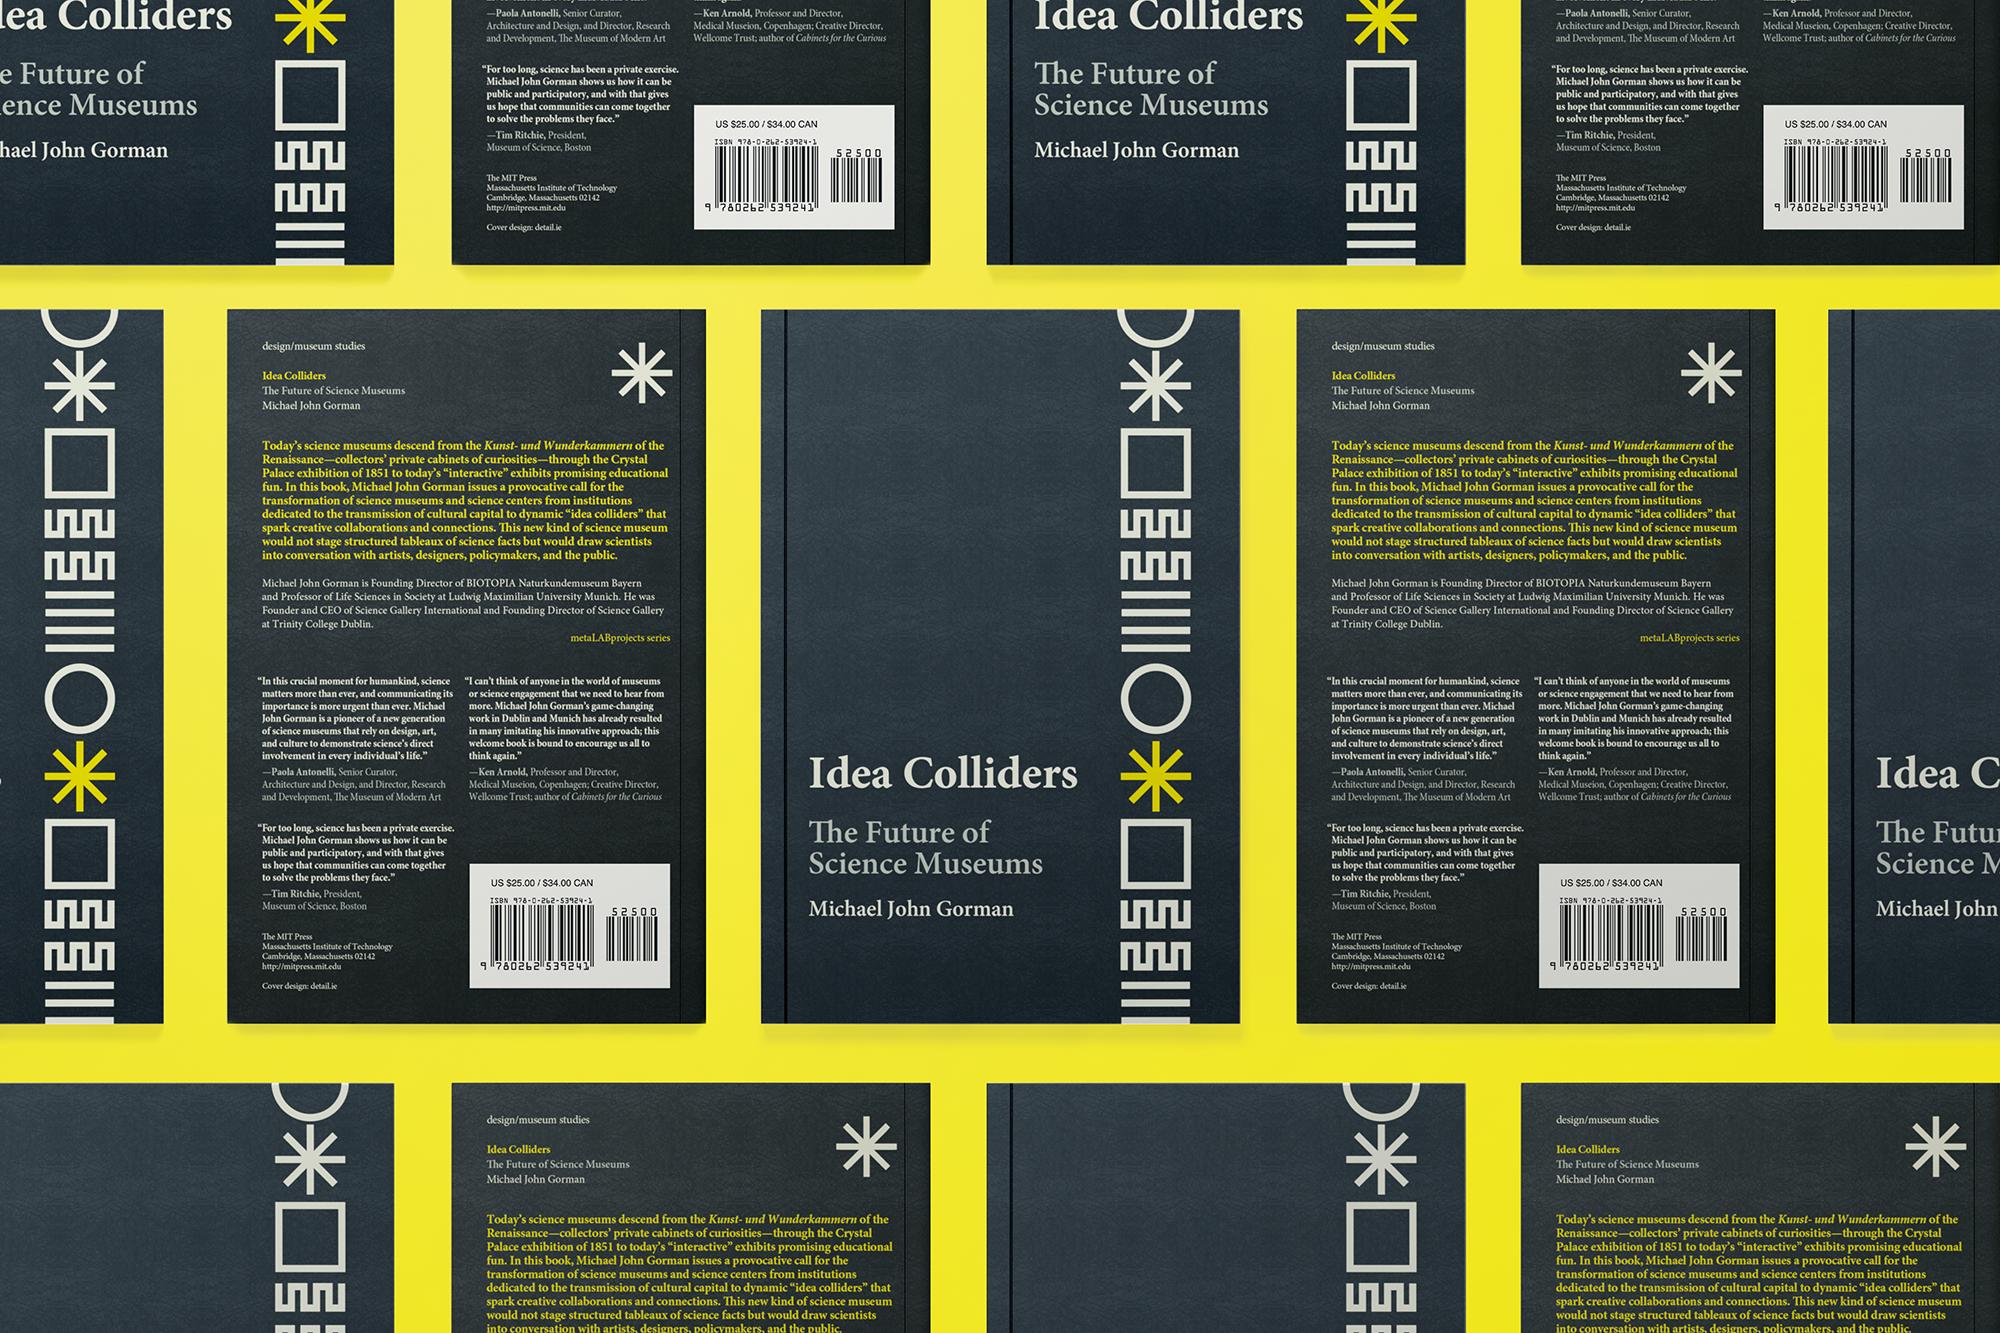 Cover image: Idea Colliders